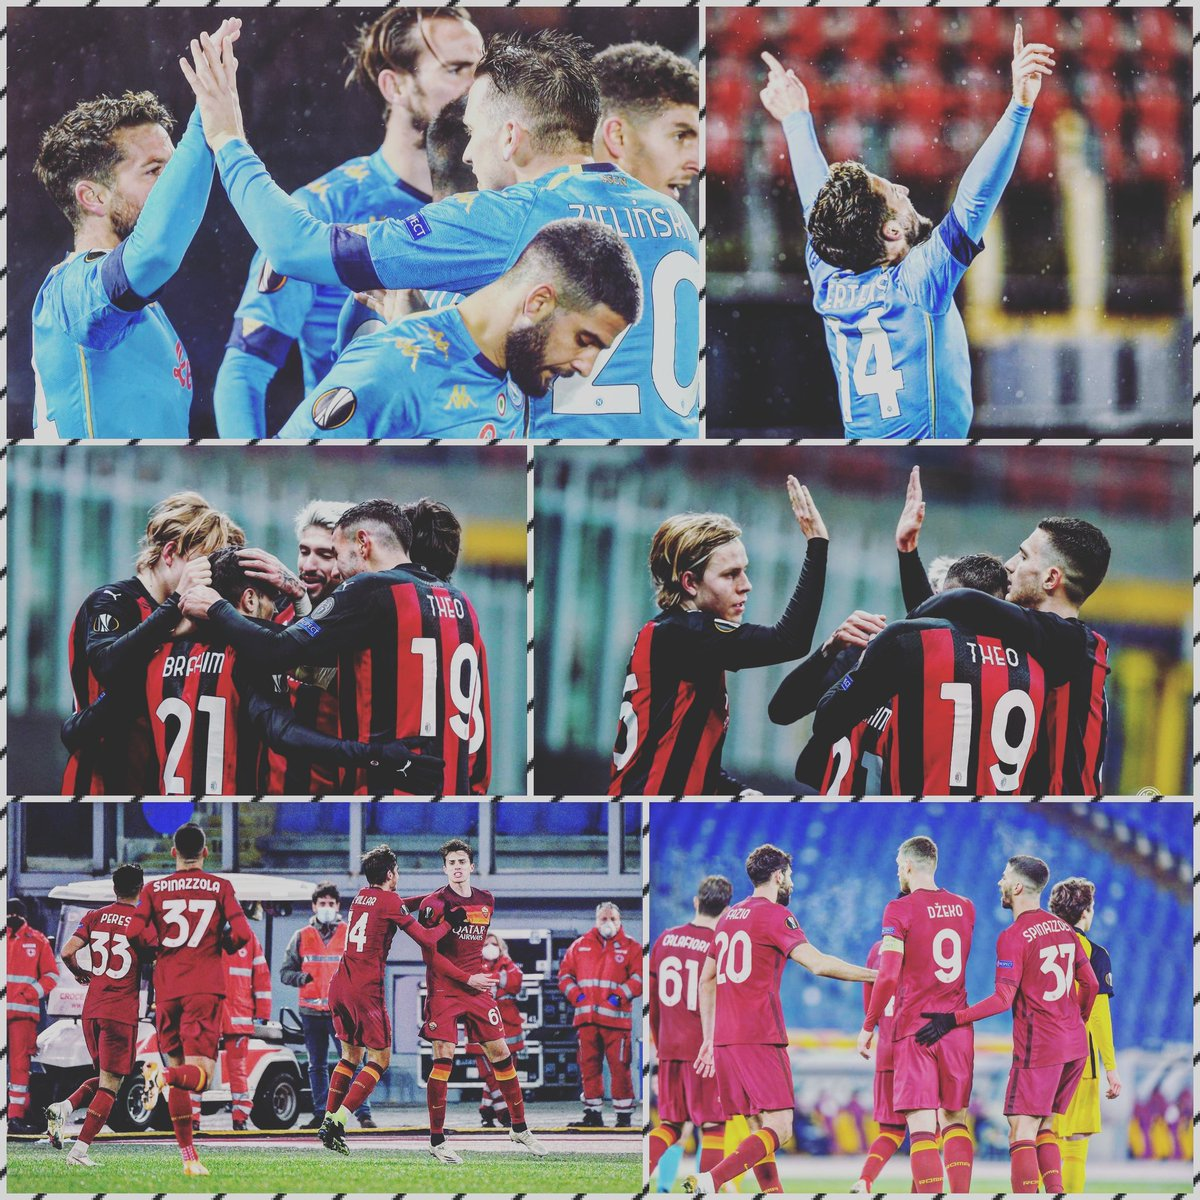 Resultados en Europa League.  Súper Milan! Voltereta al Celtic!! 4-2.  Victoria de la Roma y liderato en su grupo, 3-1 al Young Boys.  Empate del Napoli 1-1 en su visita al AZ Alkmaar.  Jornada positiva. 🇮🇹🏟🏆💥😎  #UEL #Calcio #Italia #Futbol  #MilanCeltic #RomaYB #AZNapoli